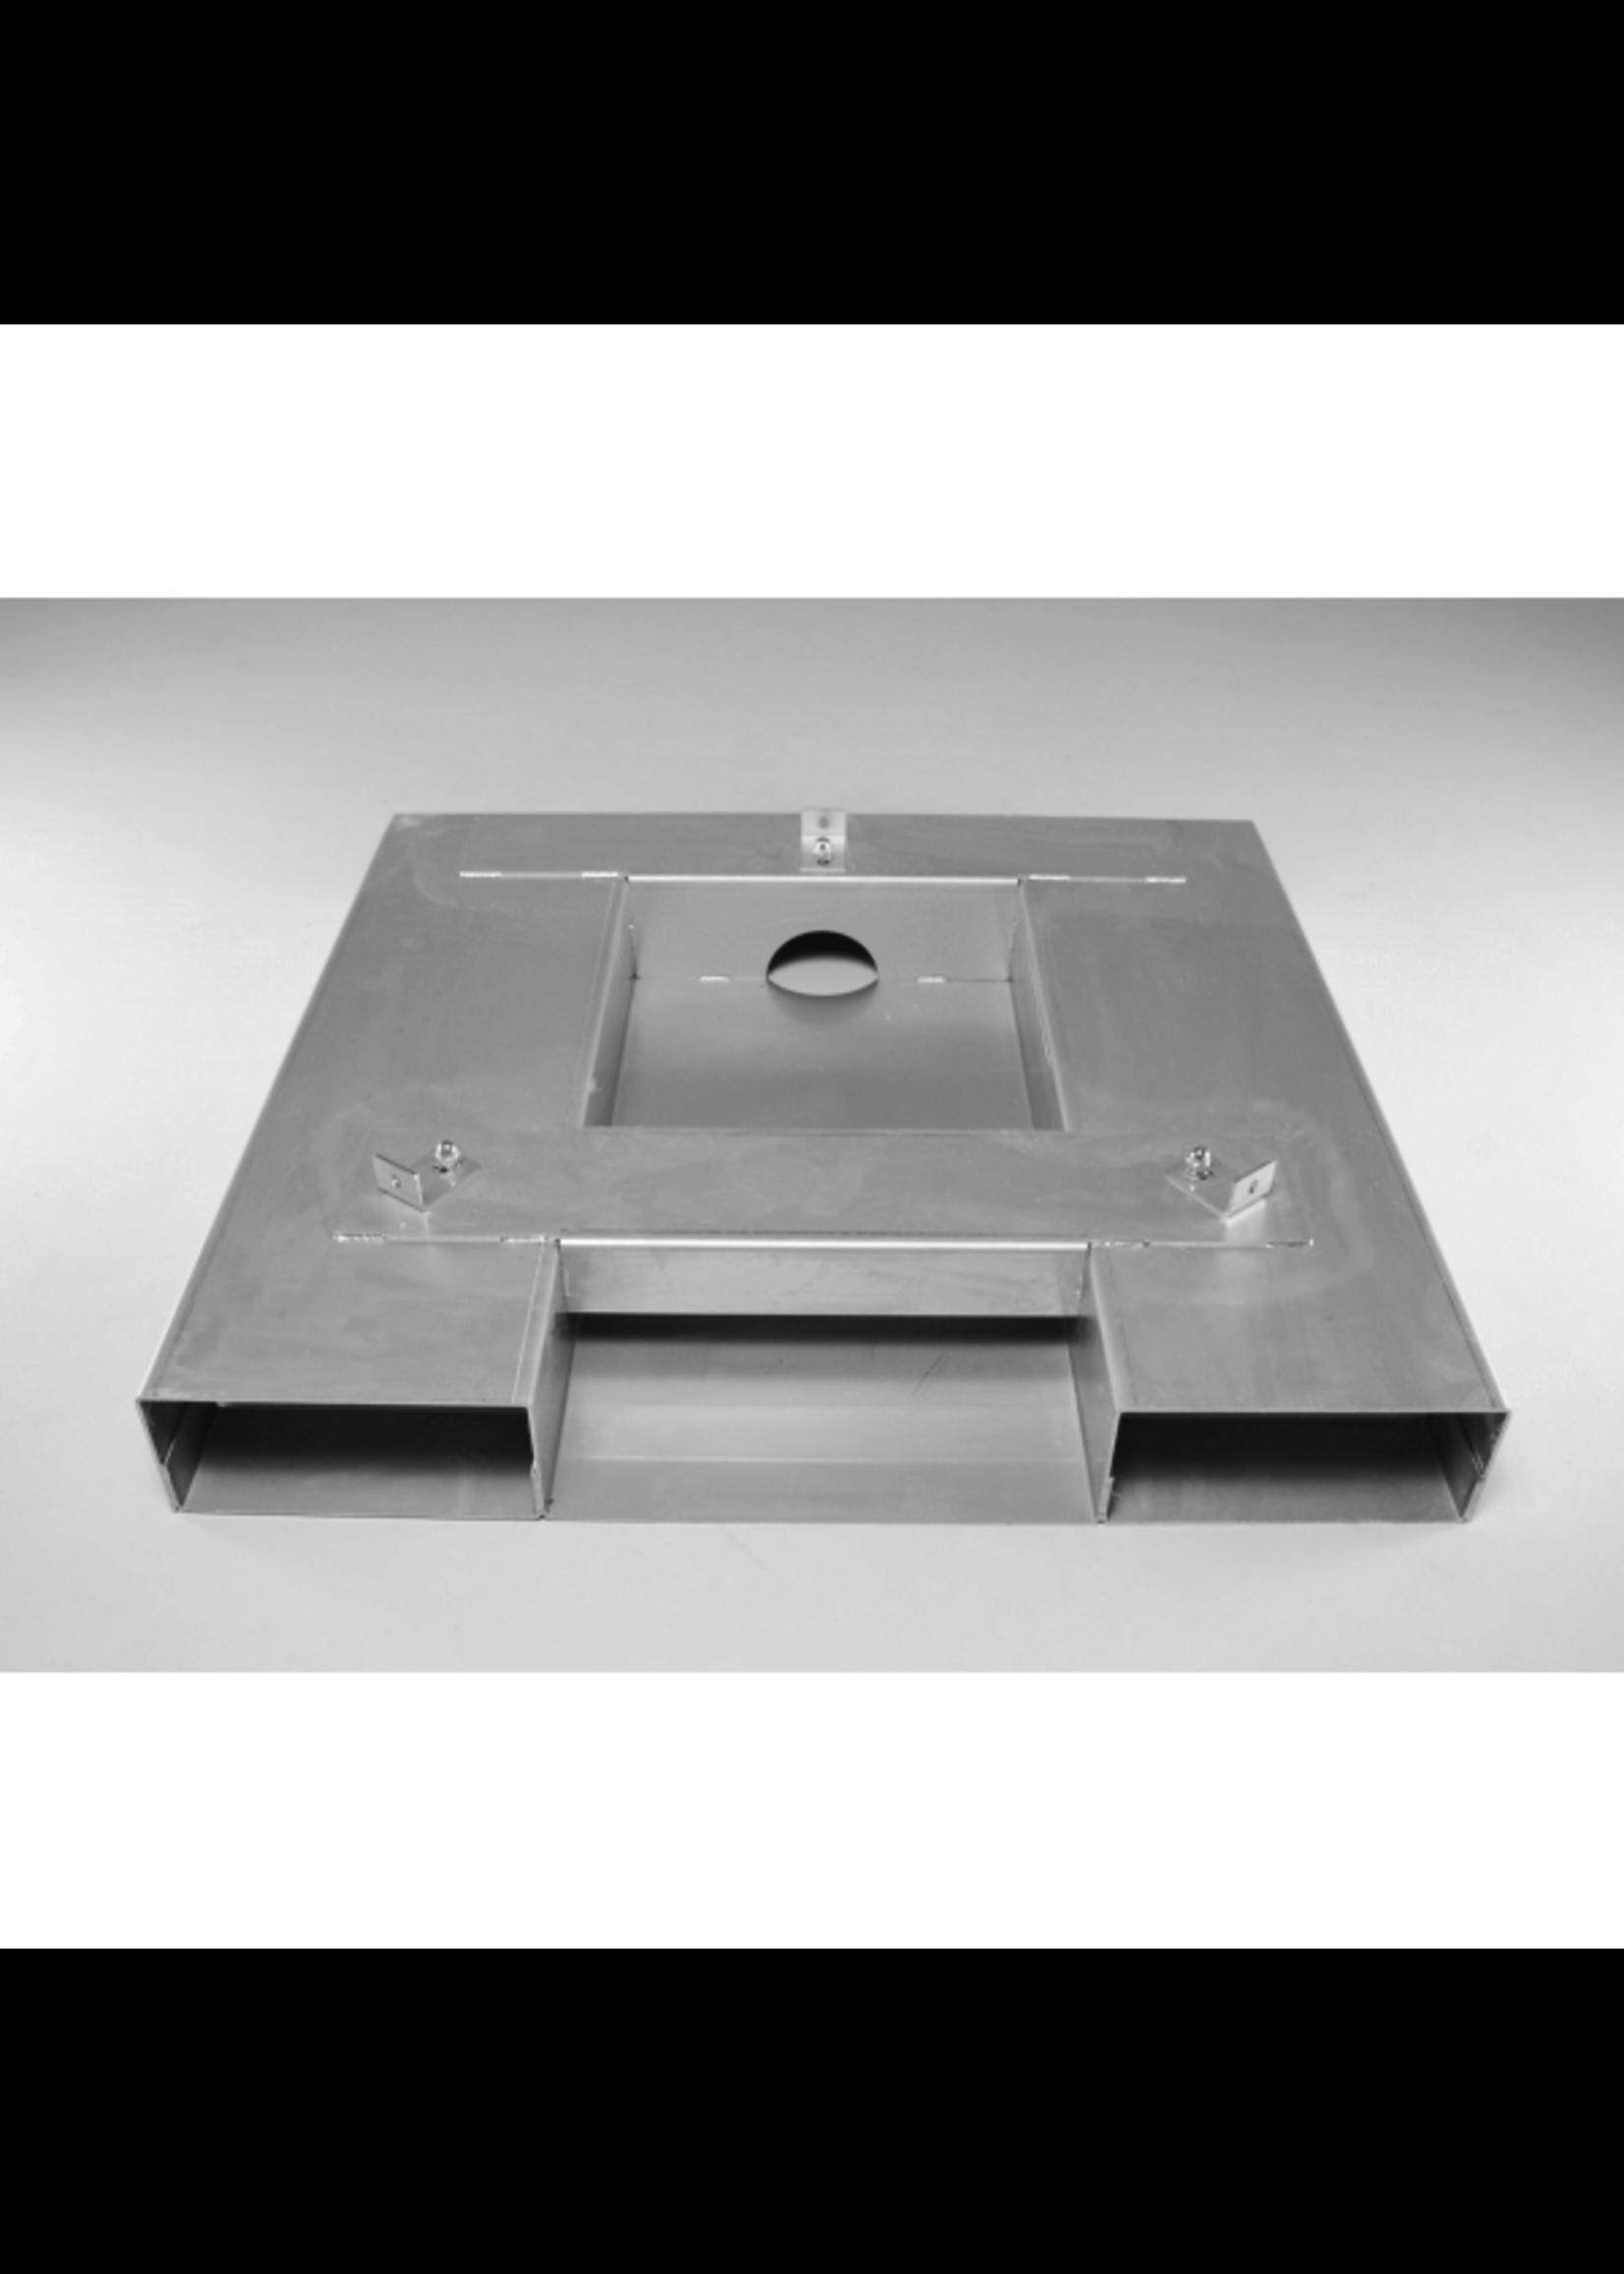 Blichmann Blichmann Fermenator - Pallet Base for 27-80 Gallon Conicals